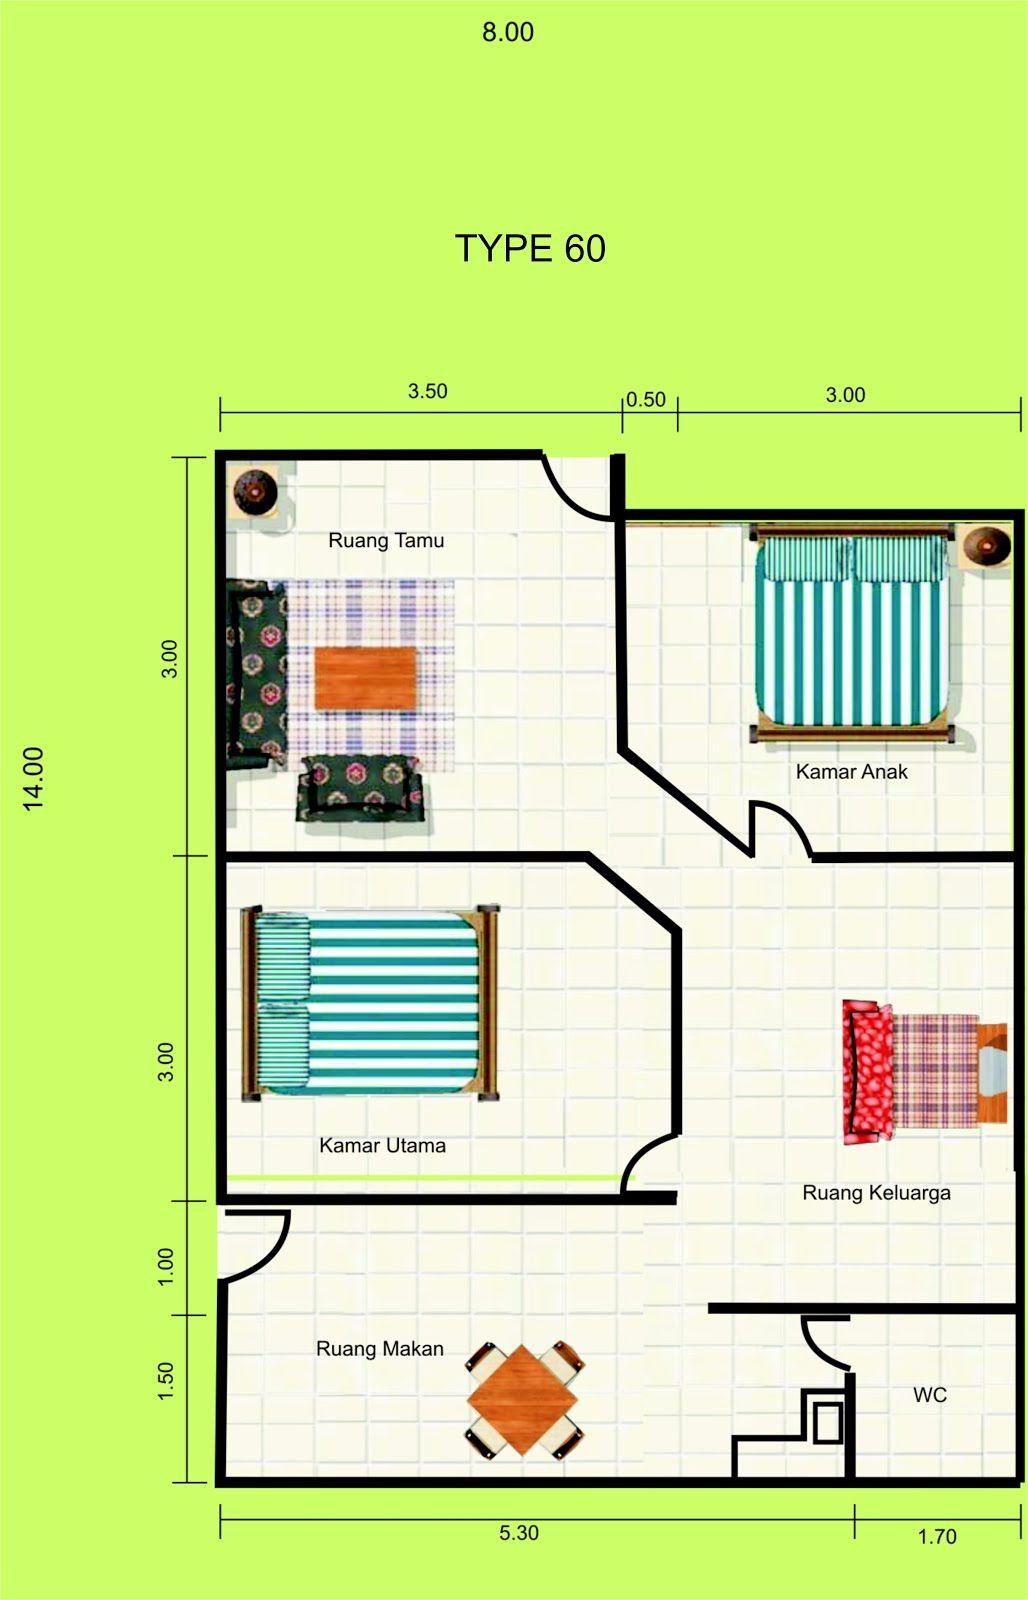 Gambar Denah Rumah Minimalis 1 Lantai Desain 2015 MODEL RUMAH UNIK   Denah  Rumah, Rumah Minimalis, Desain